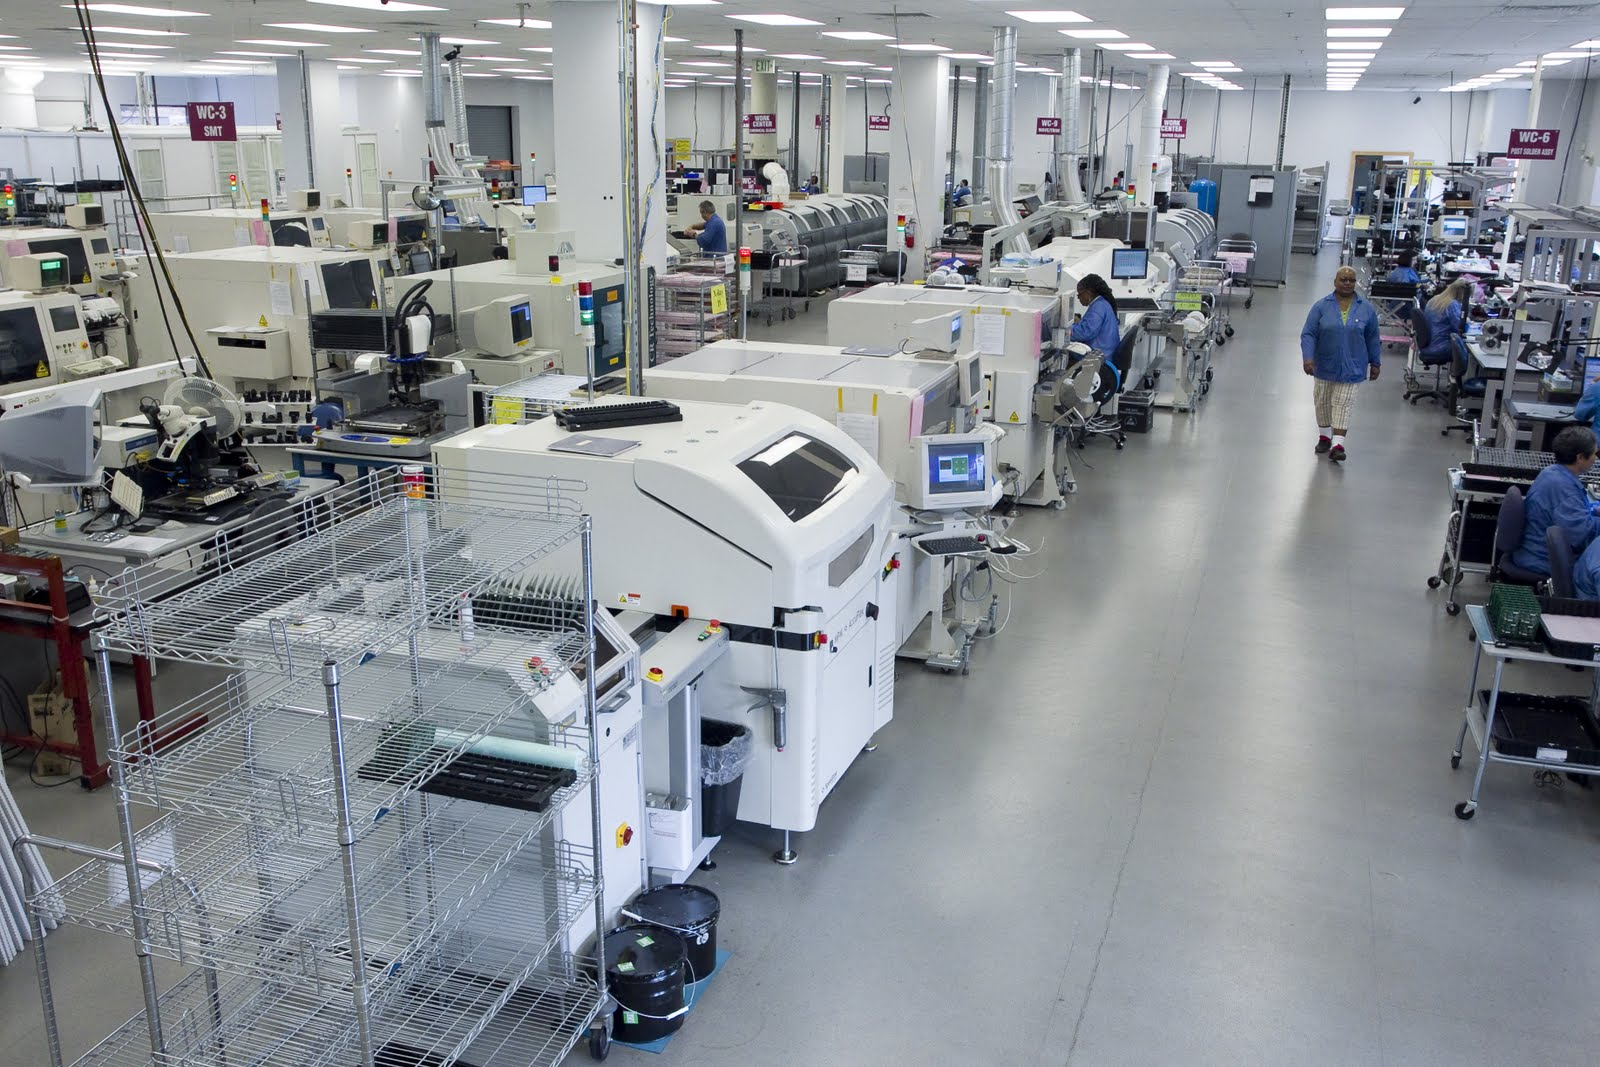 Cea Medical Manufacturing